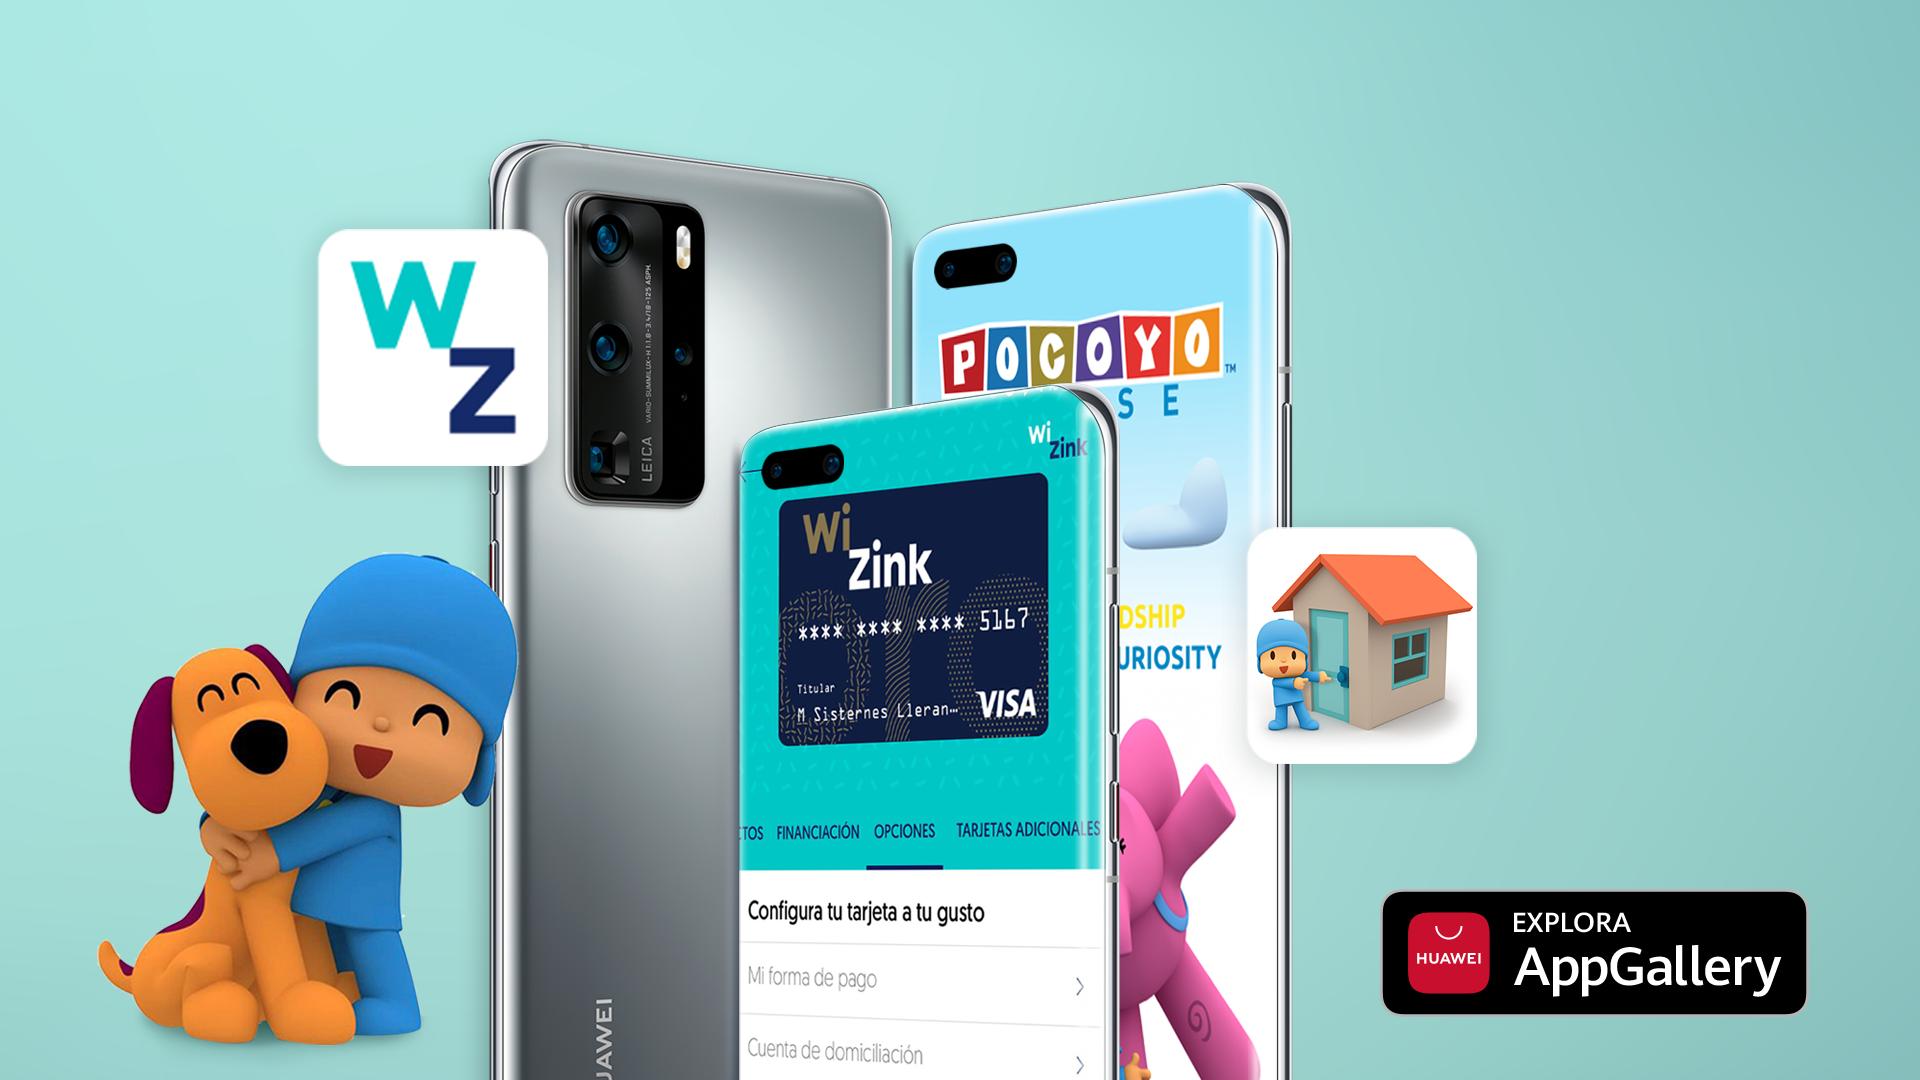 Pocoyo House y WiZink Bank ya en la Huawei AppGallery - Droid Panic